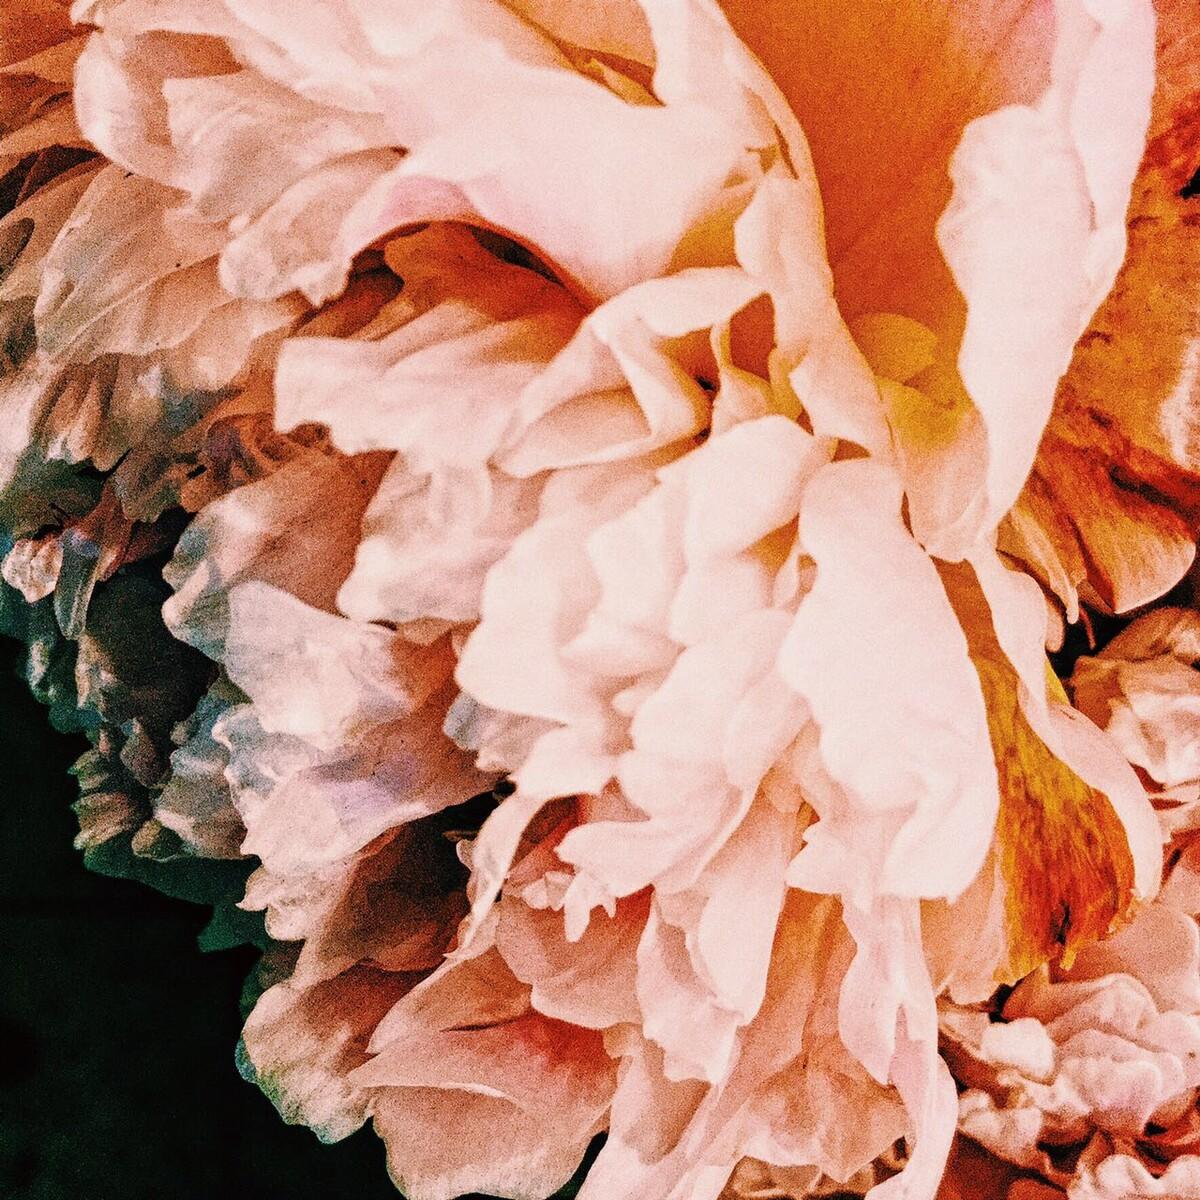 花殇 - 上海, 植物, 手机摄影, 花卉 - Ylin